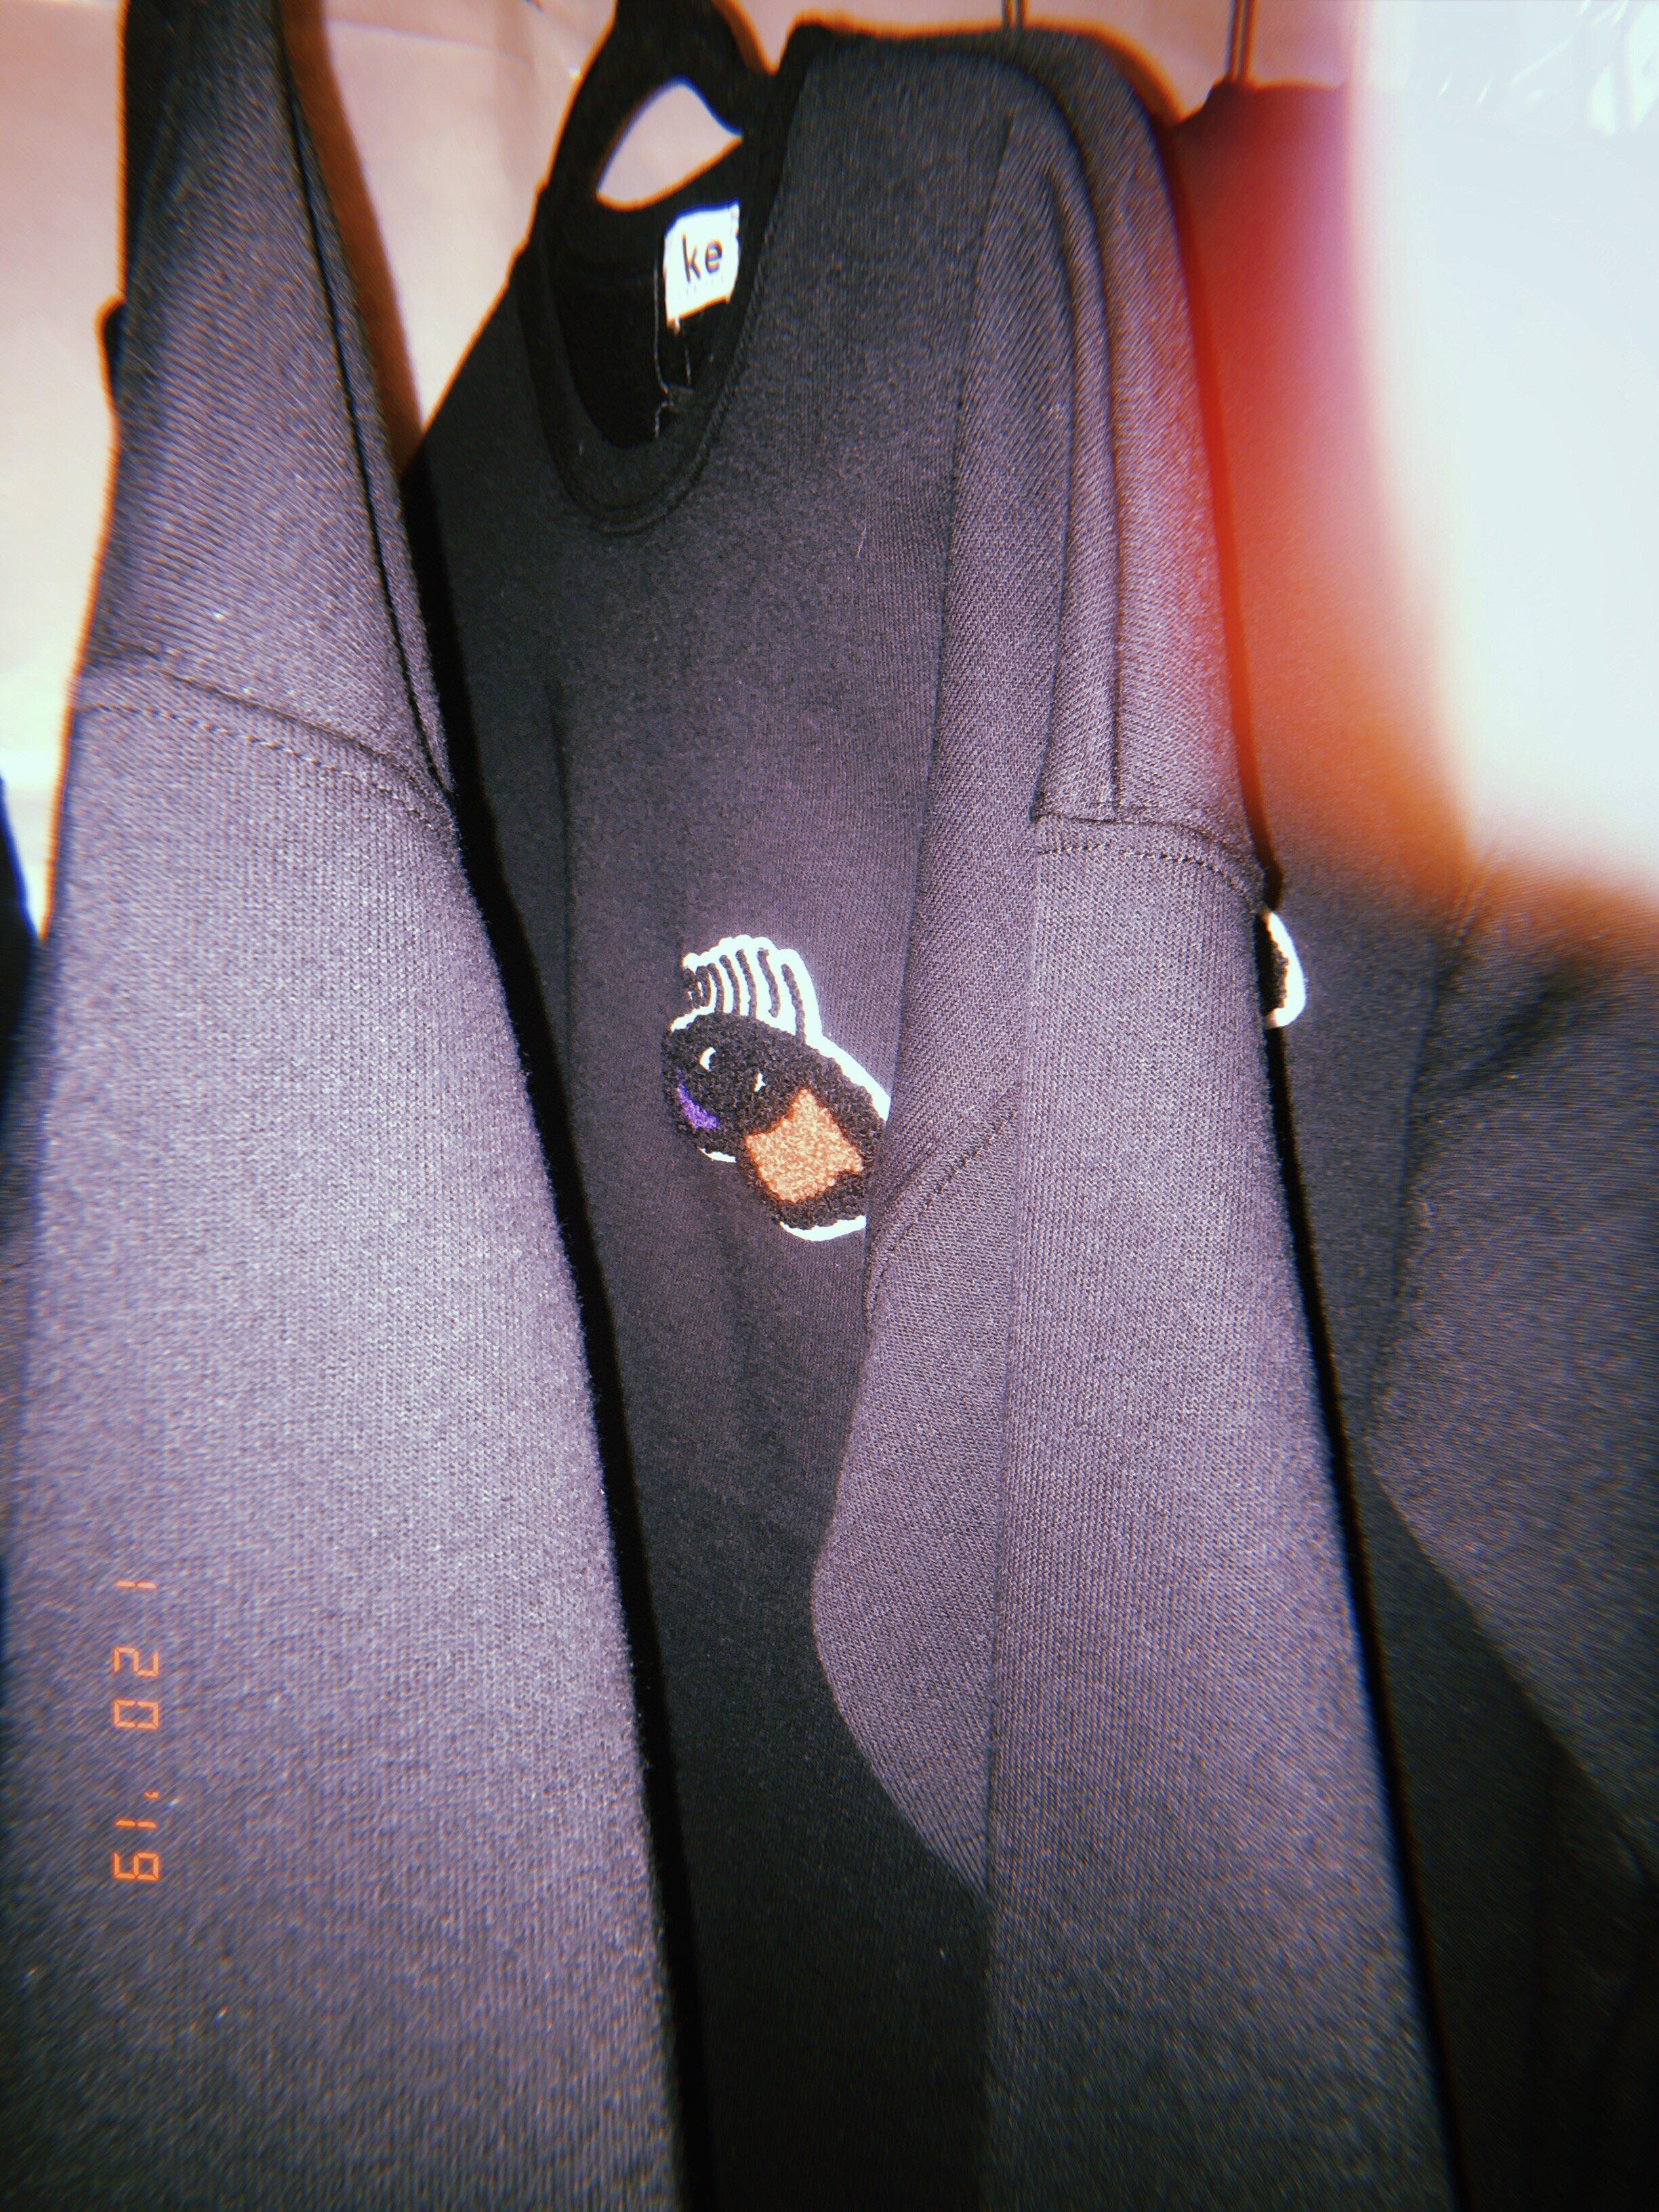 FW19 Eye See. Sweatshirts